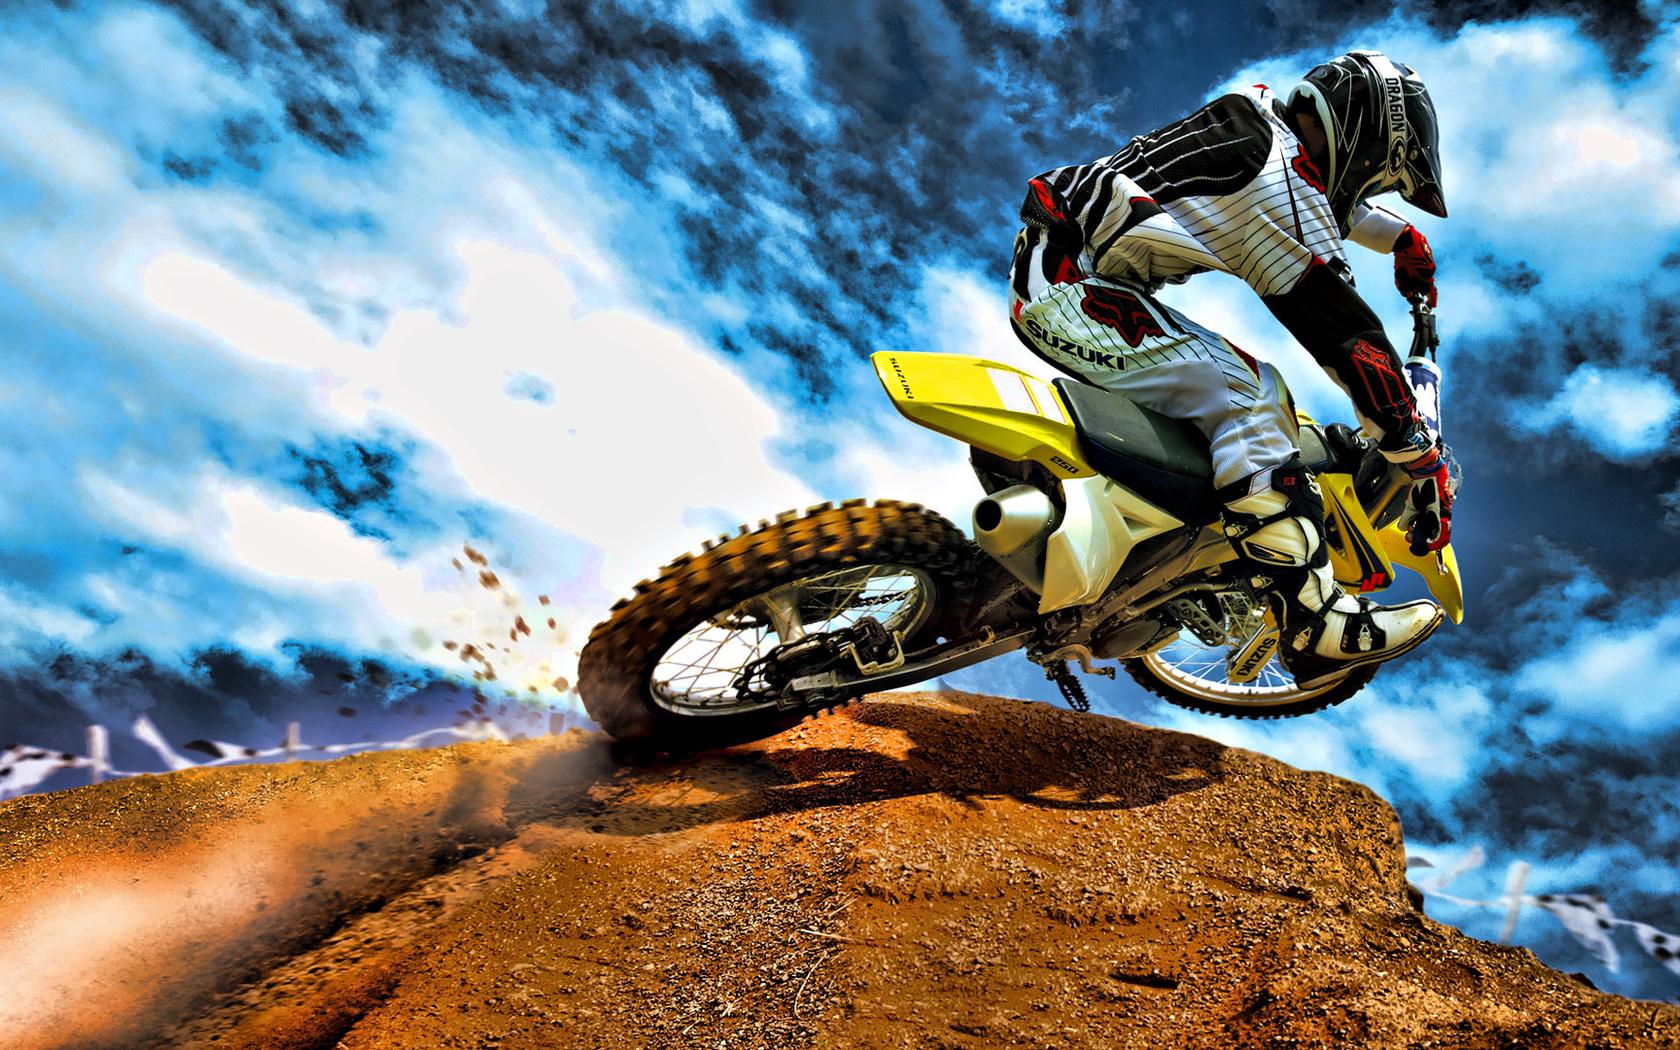 Мотоцикл скорость обои рабочий стол